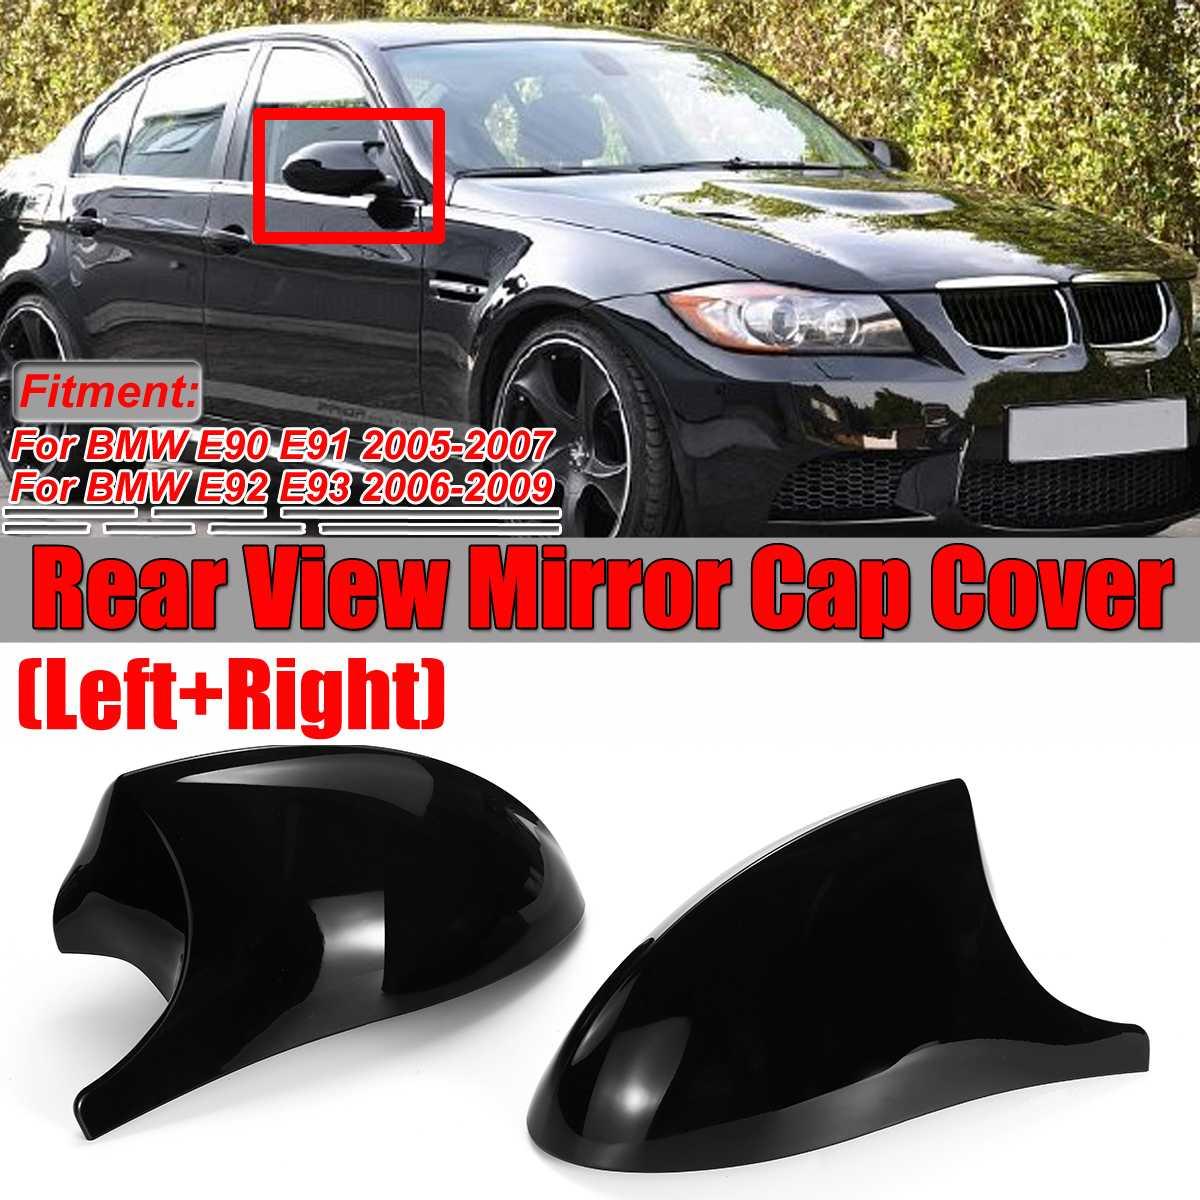 2x Reale In Fibra di Carbonio/ABS Copertura Dello Specchio E90 Auto Laterale Retrovisore Laterale Della Copertura Dello Specchio Per BMW E90 E91 e92 E93 M3 Stile E80 E81 E87